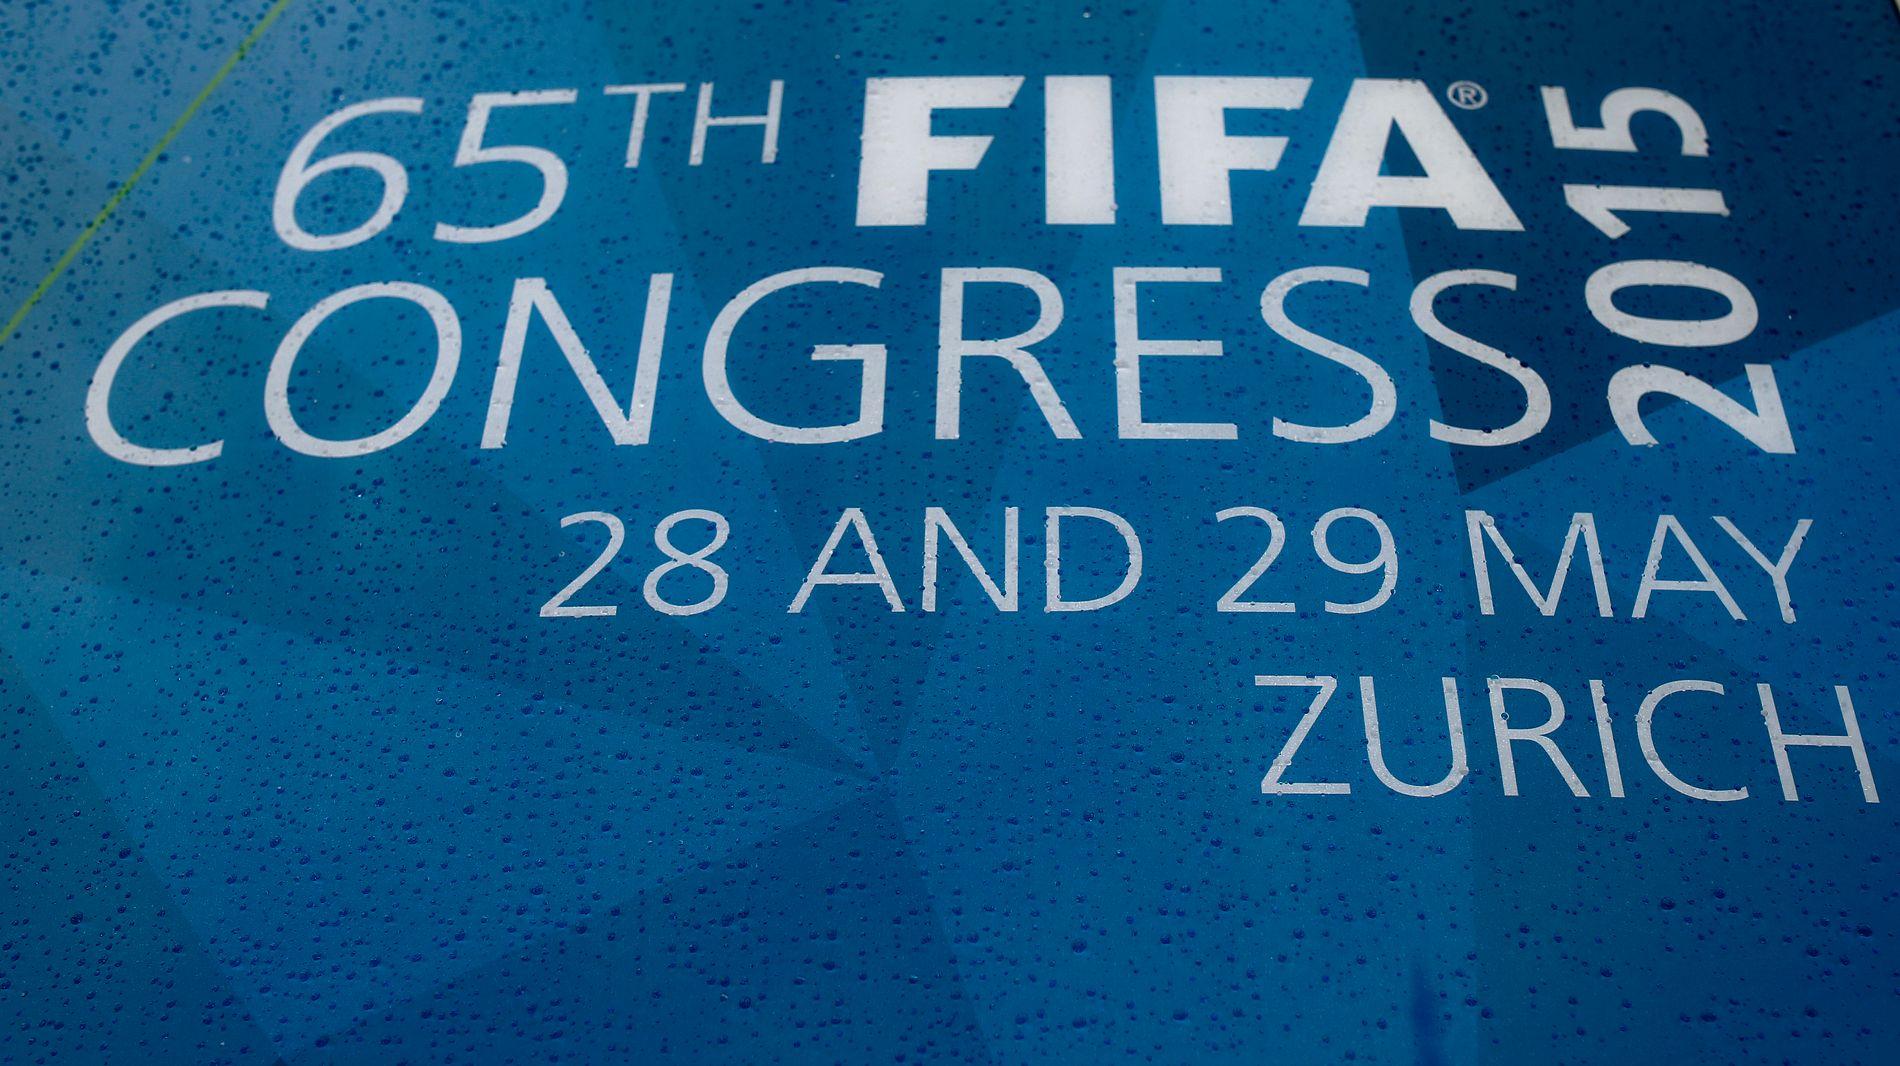 Det stormer heftig rundt FIFA-kongressen i Zürich etter korrupsjonsarrestasjonene i går morges.